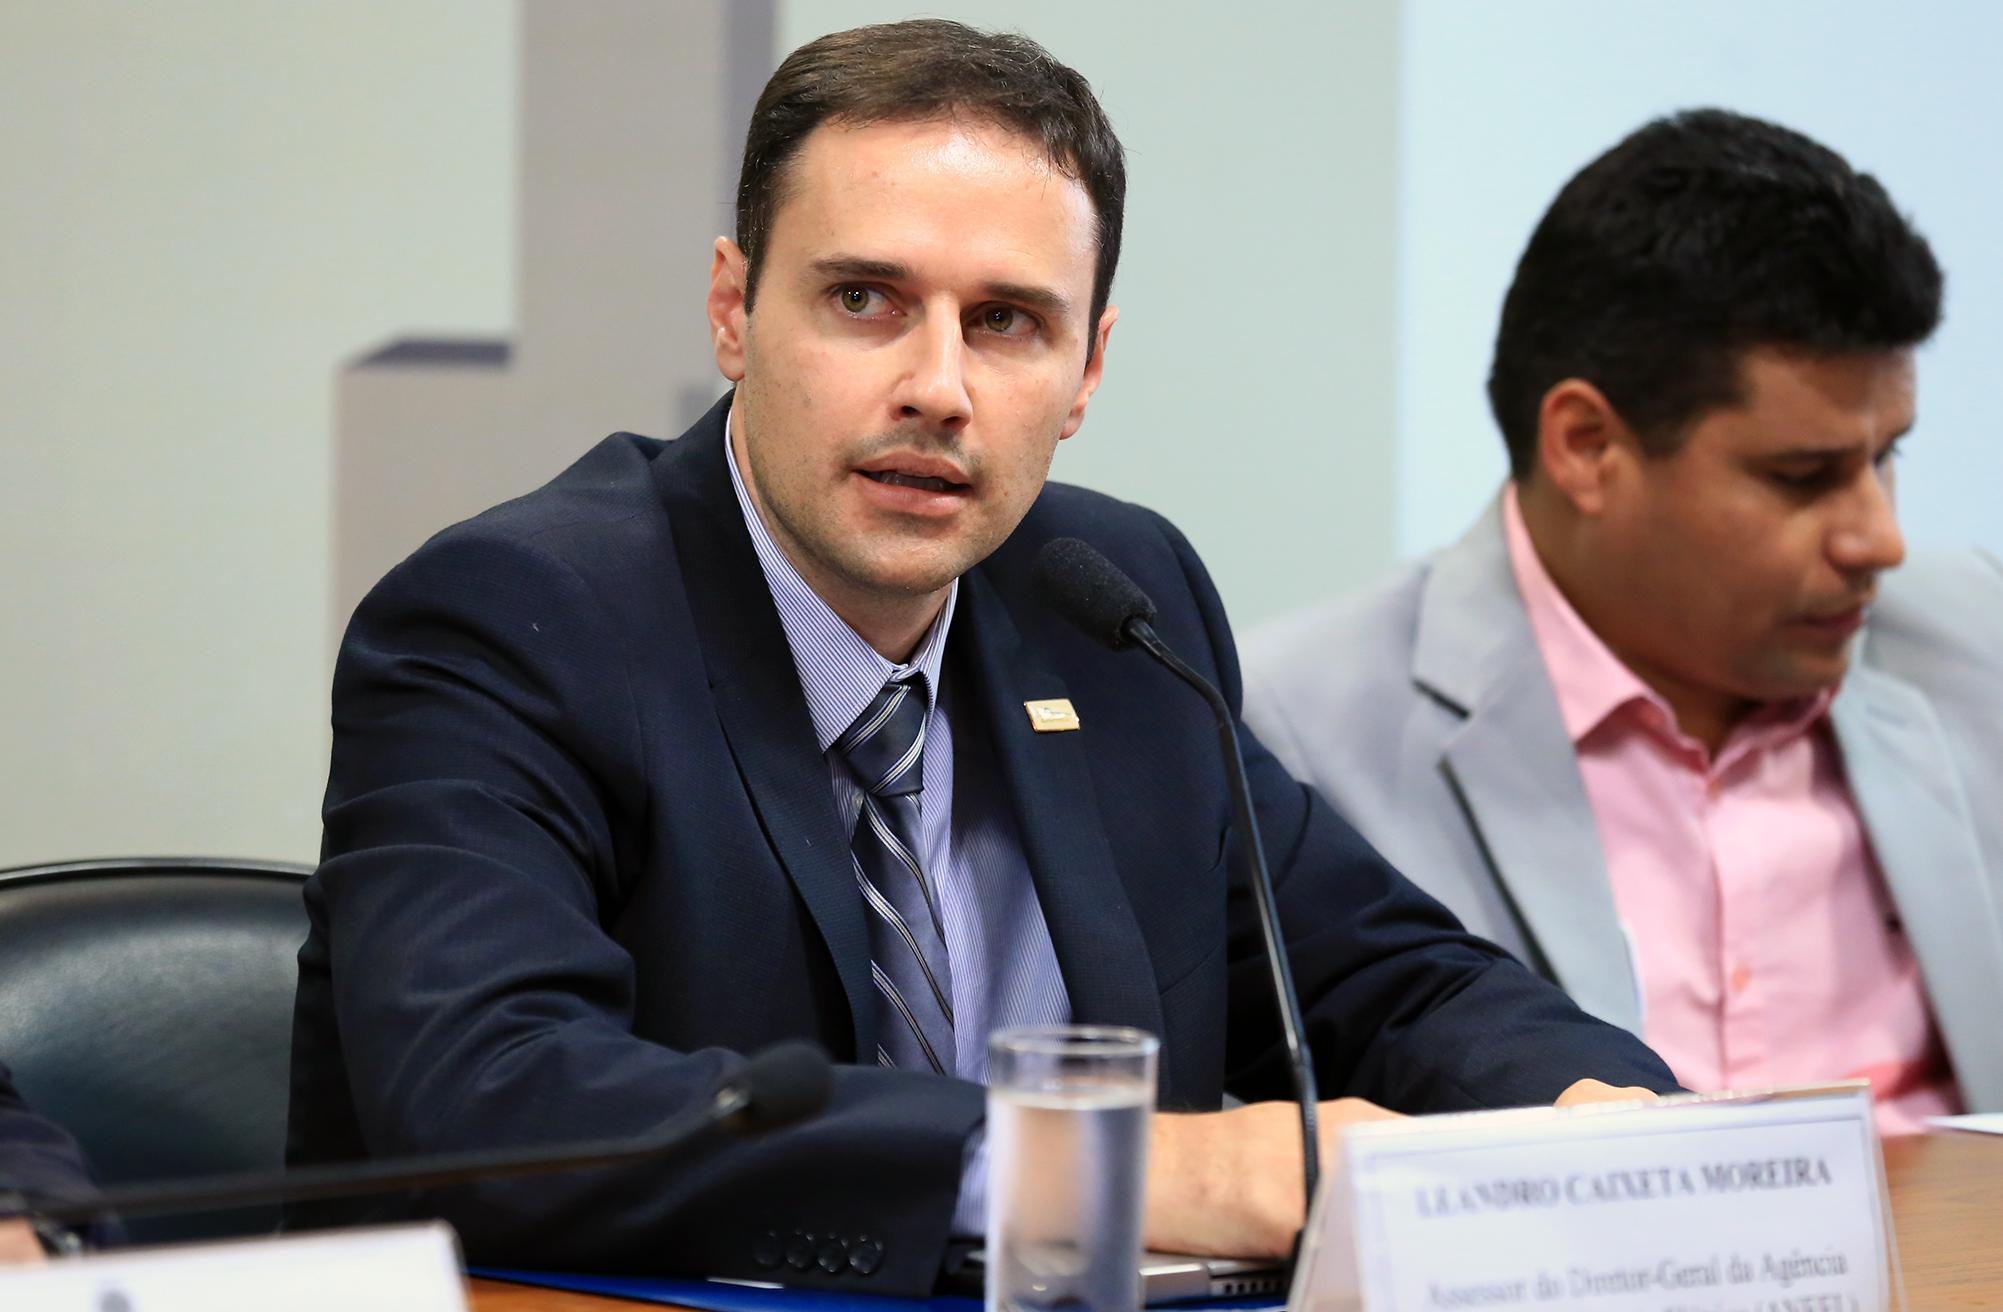 Audiência pública sobre a MP 814/17, que abre caminho para a privatização da Eletrobras. Assessor do Diretor-Geral da Agência Nacional de Energia (ANEEL), Leandro Caixeta Moreira